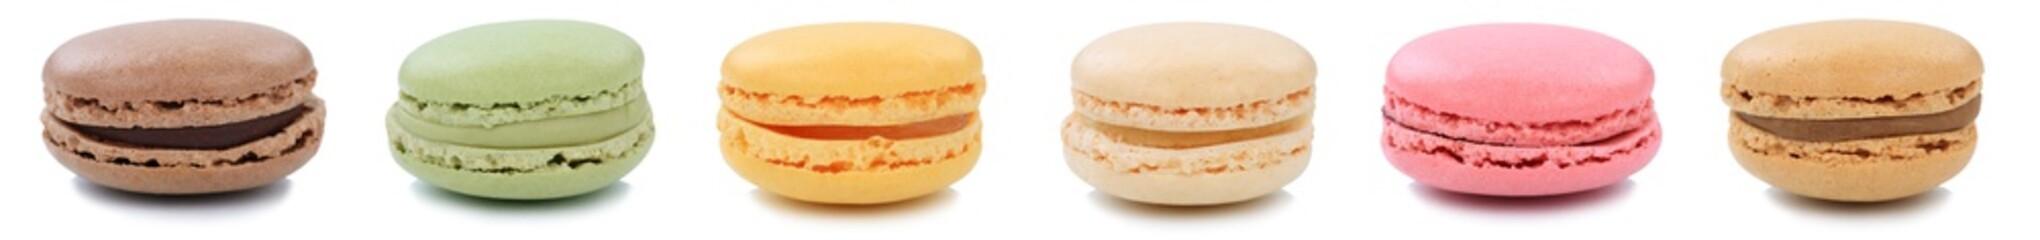 Ingelijste posters Macarons Macarons Macaroons Kekse Sammlung Nachtisch Dessert aus Frankreich in einer Reihe Freisteller